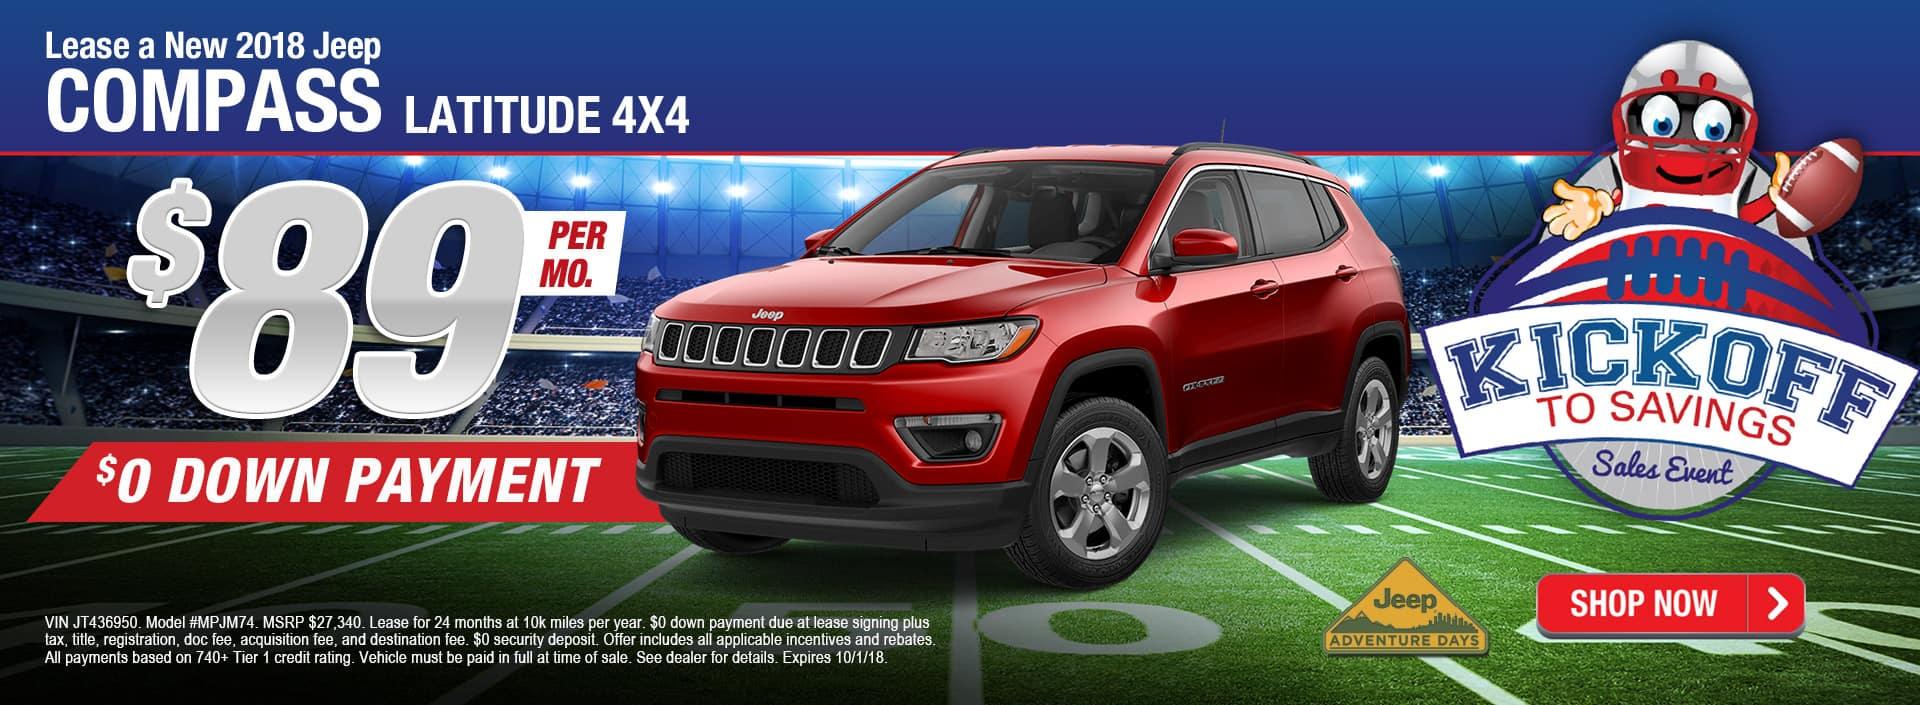 Chrysler jeep dodge dealer brockton ma cjdr 24 chrysler jeep dodge ram 24 fandeluxe Gallery